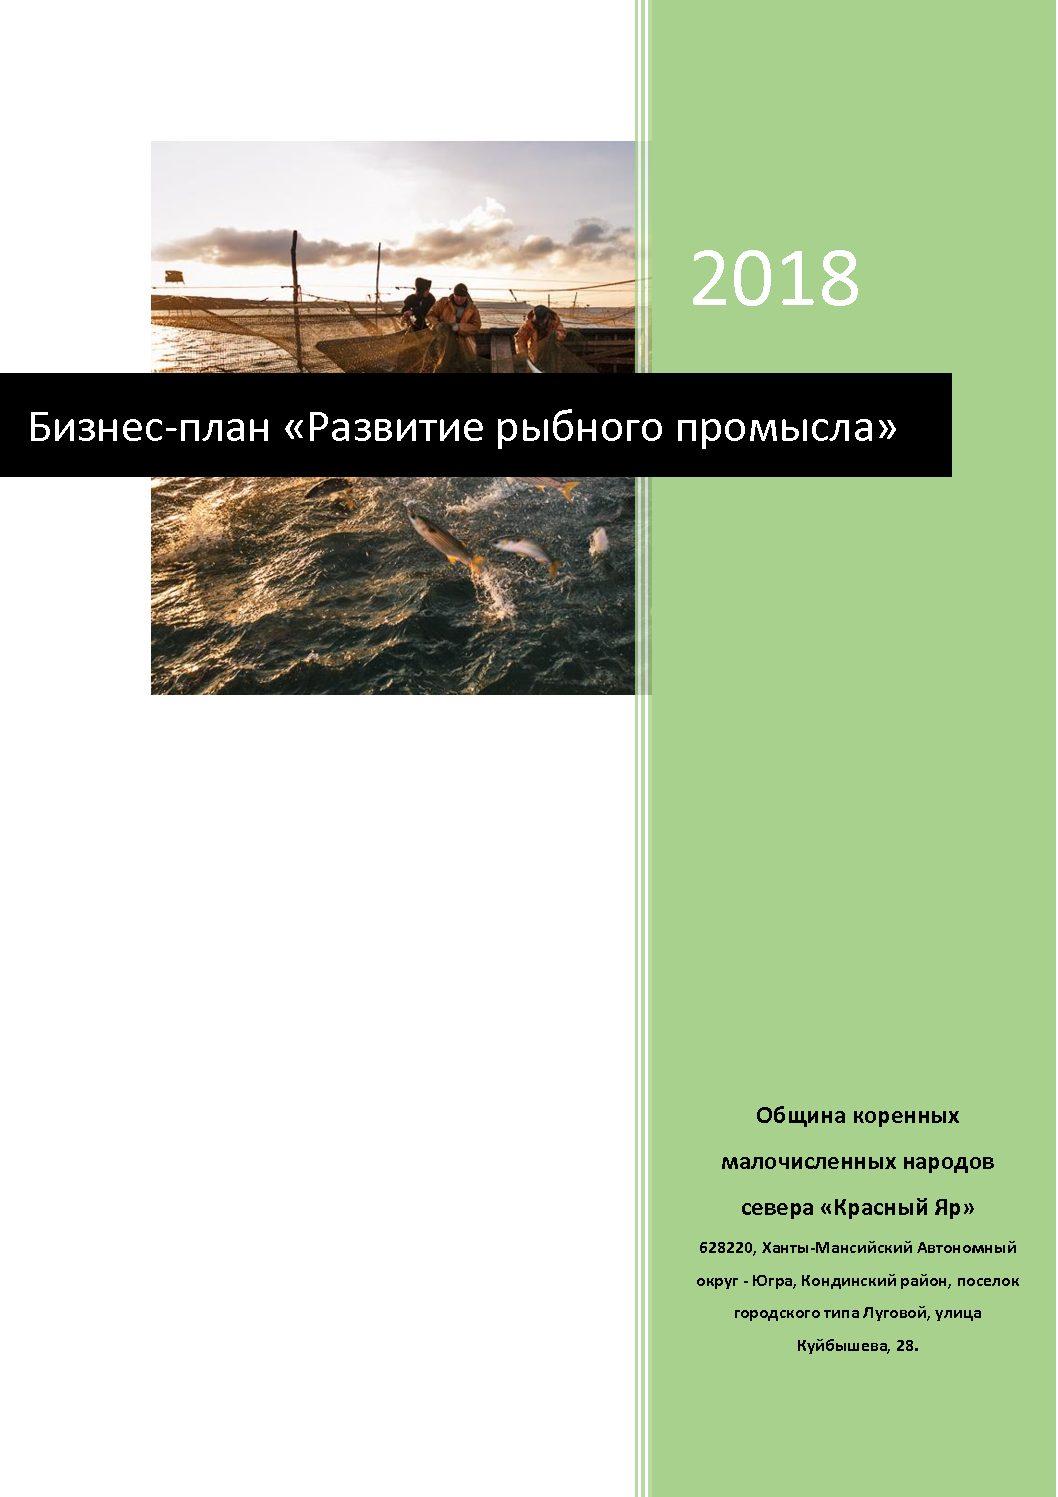 Бизнес-план «Развитие рыбного промысла» ОКМНС«Красный Яр»